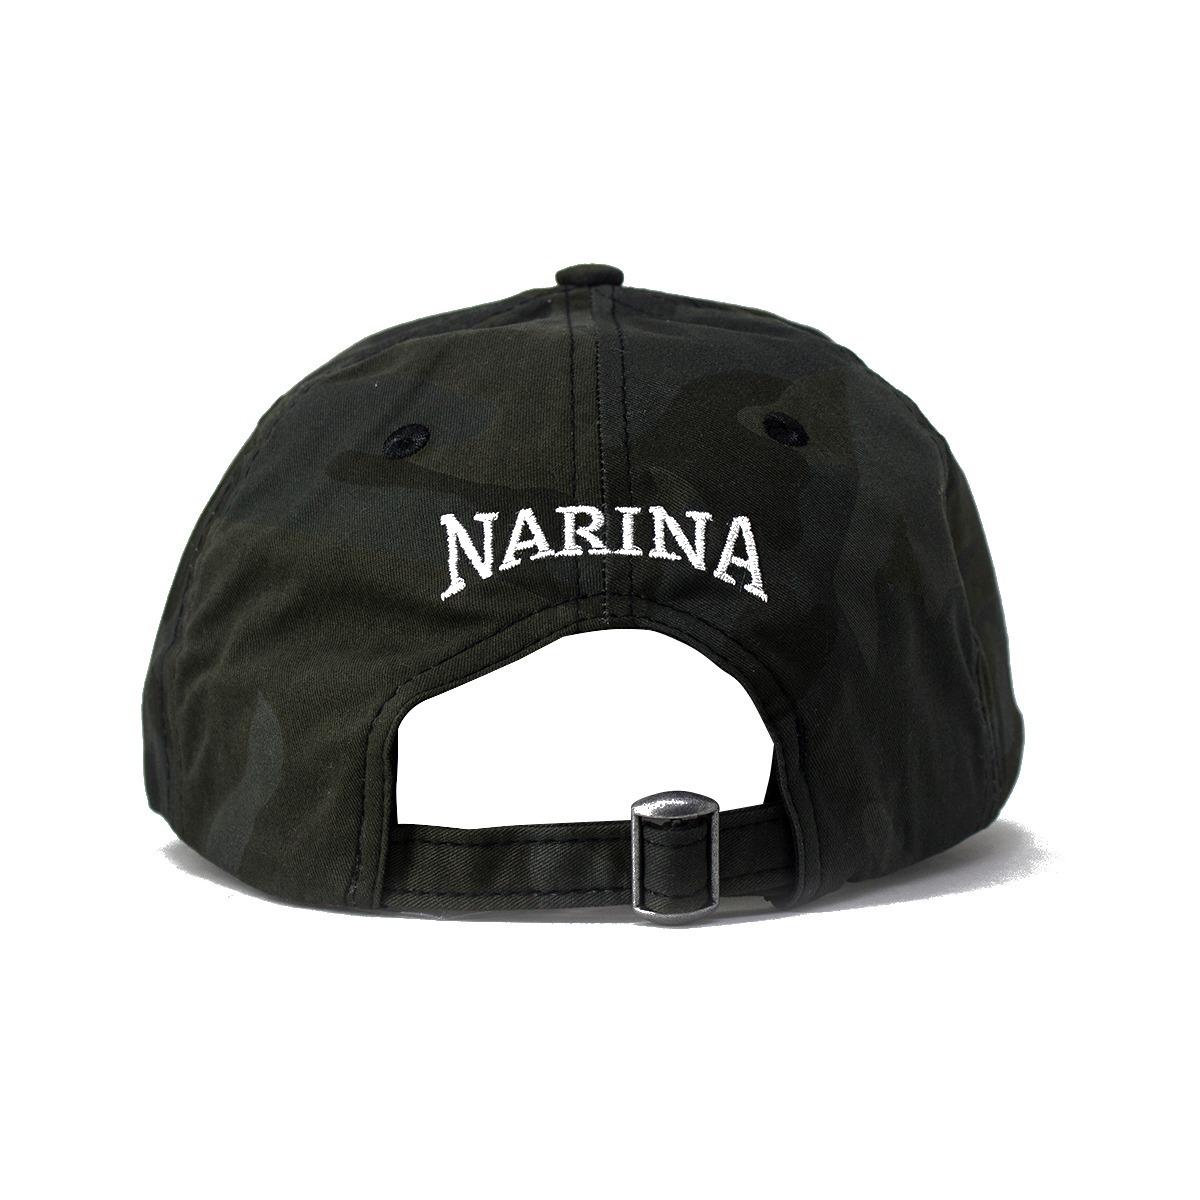 Boné Dad Hat Narina Aba Curva Camuflado Escuro Original - R  69 96b6c458c6a